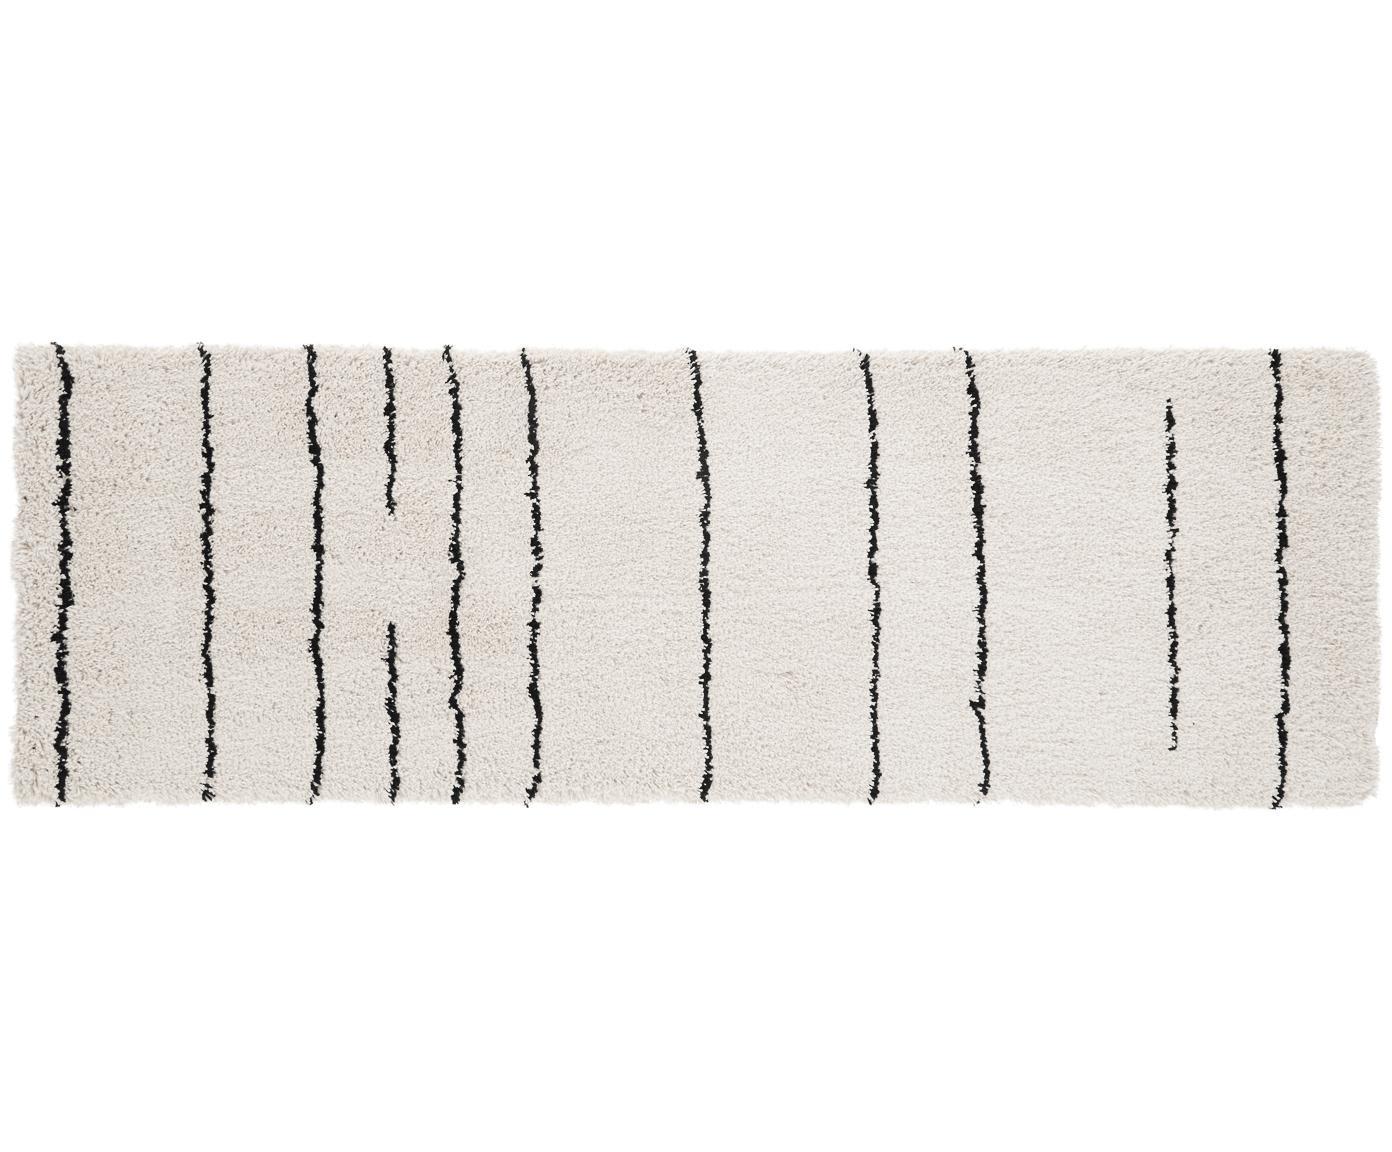 Handgetufteter Läufer Dunya, Flor: 100% Polyester, Beige, Schwarz, 80 x 250 cm